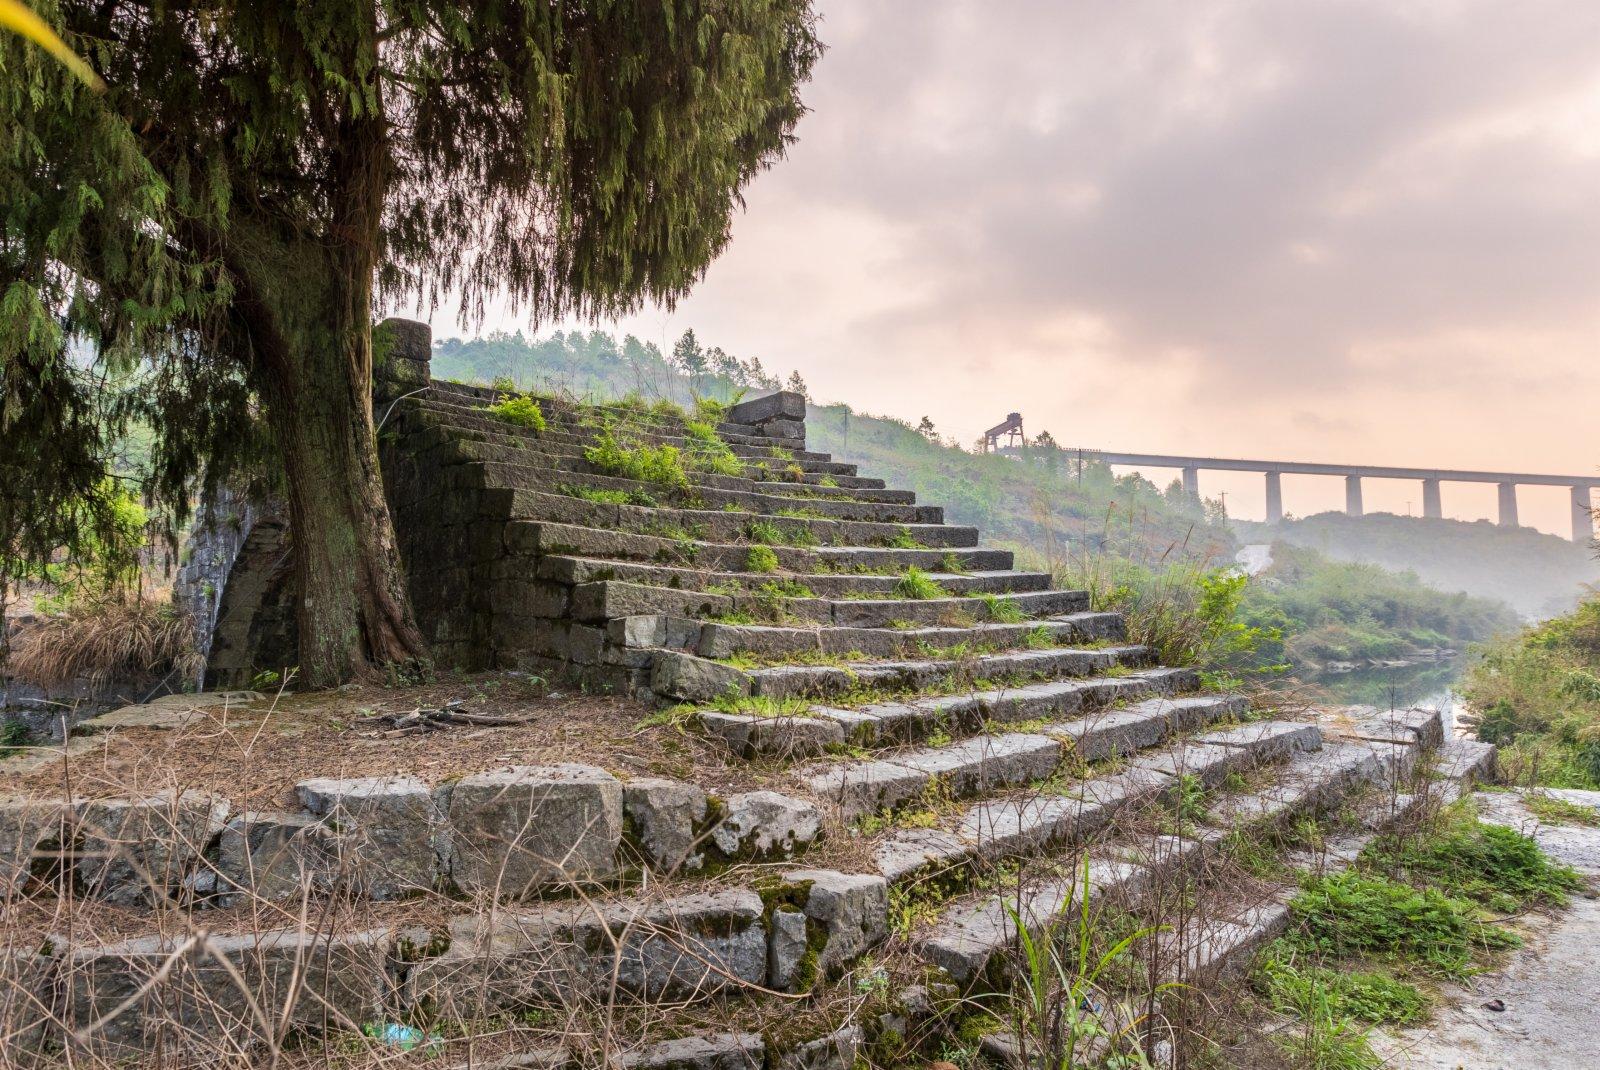 銀坡河特大橋和蒙家橋沐浴在朝陽中。(新華社資料圖片)